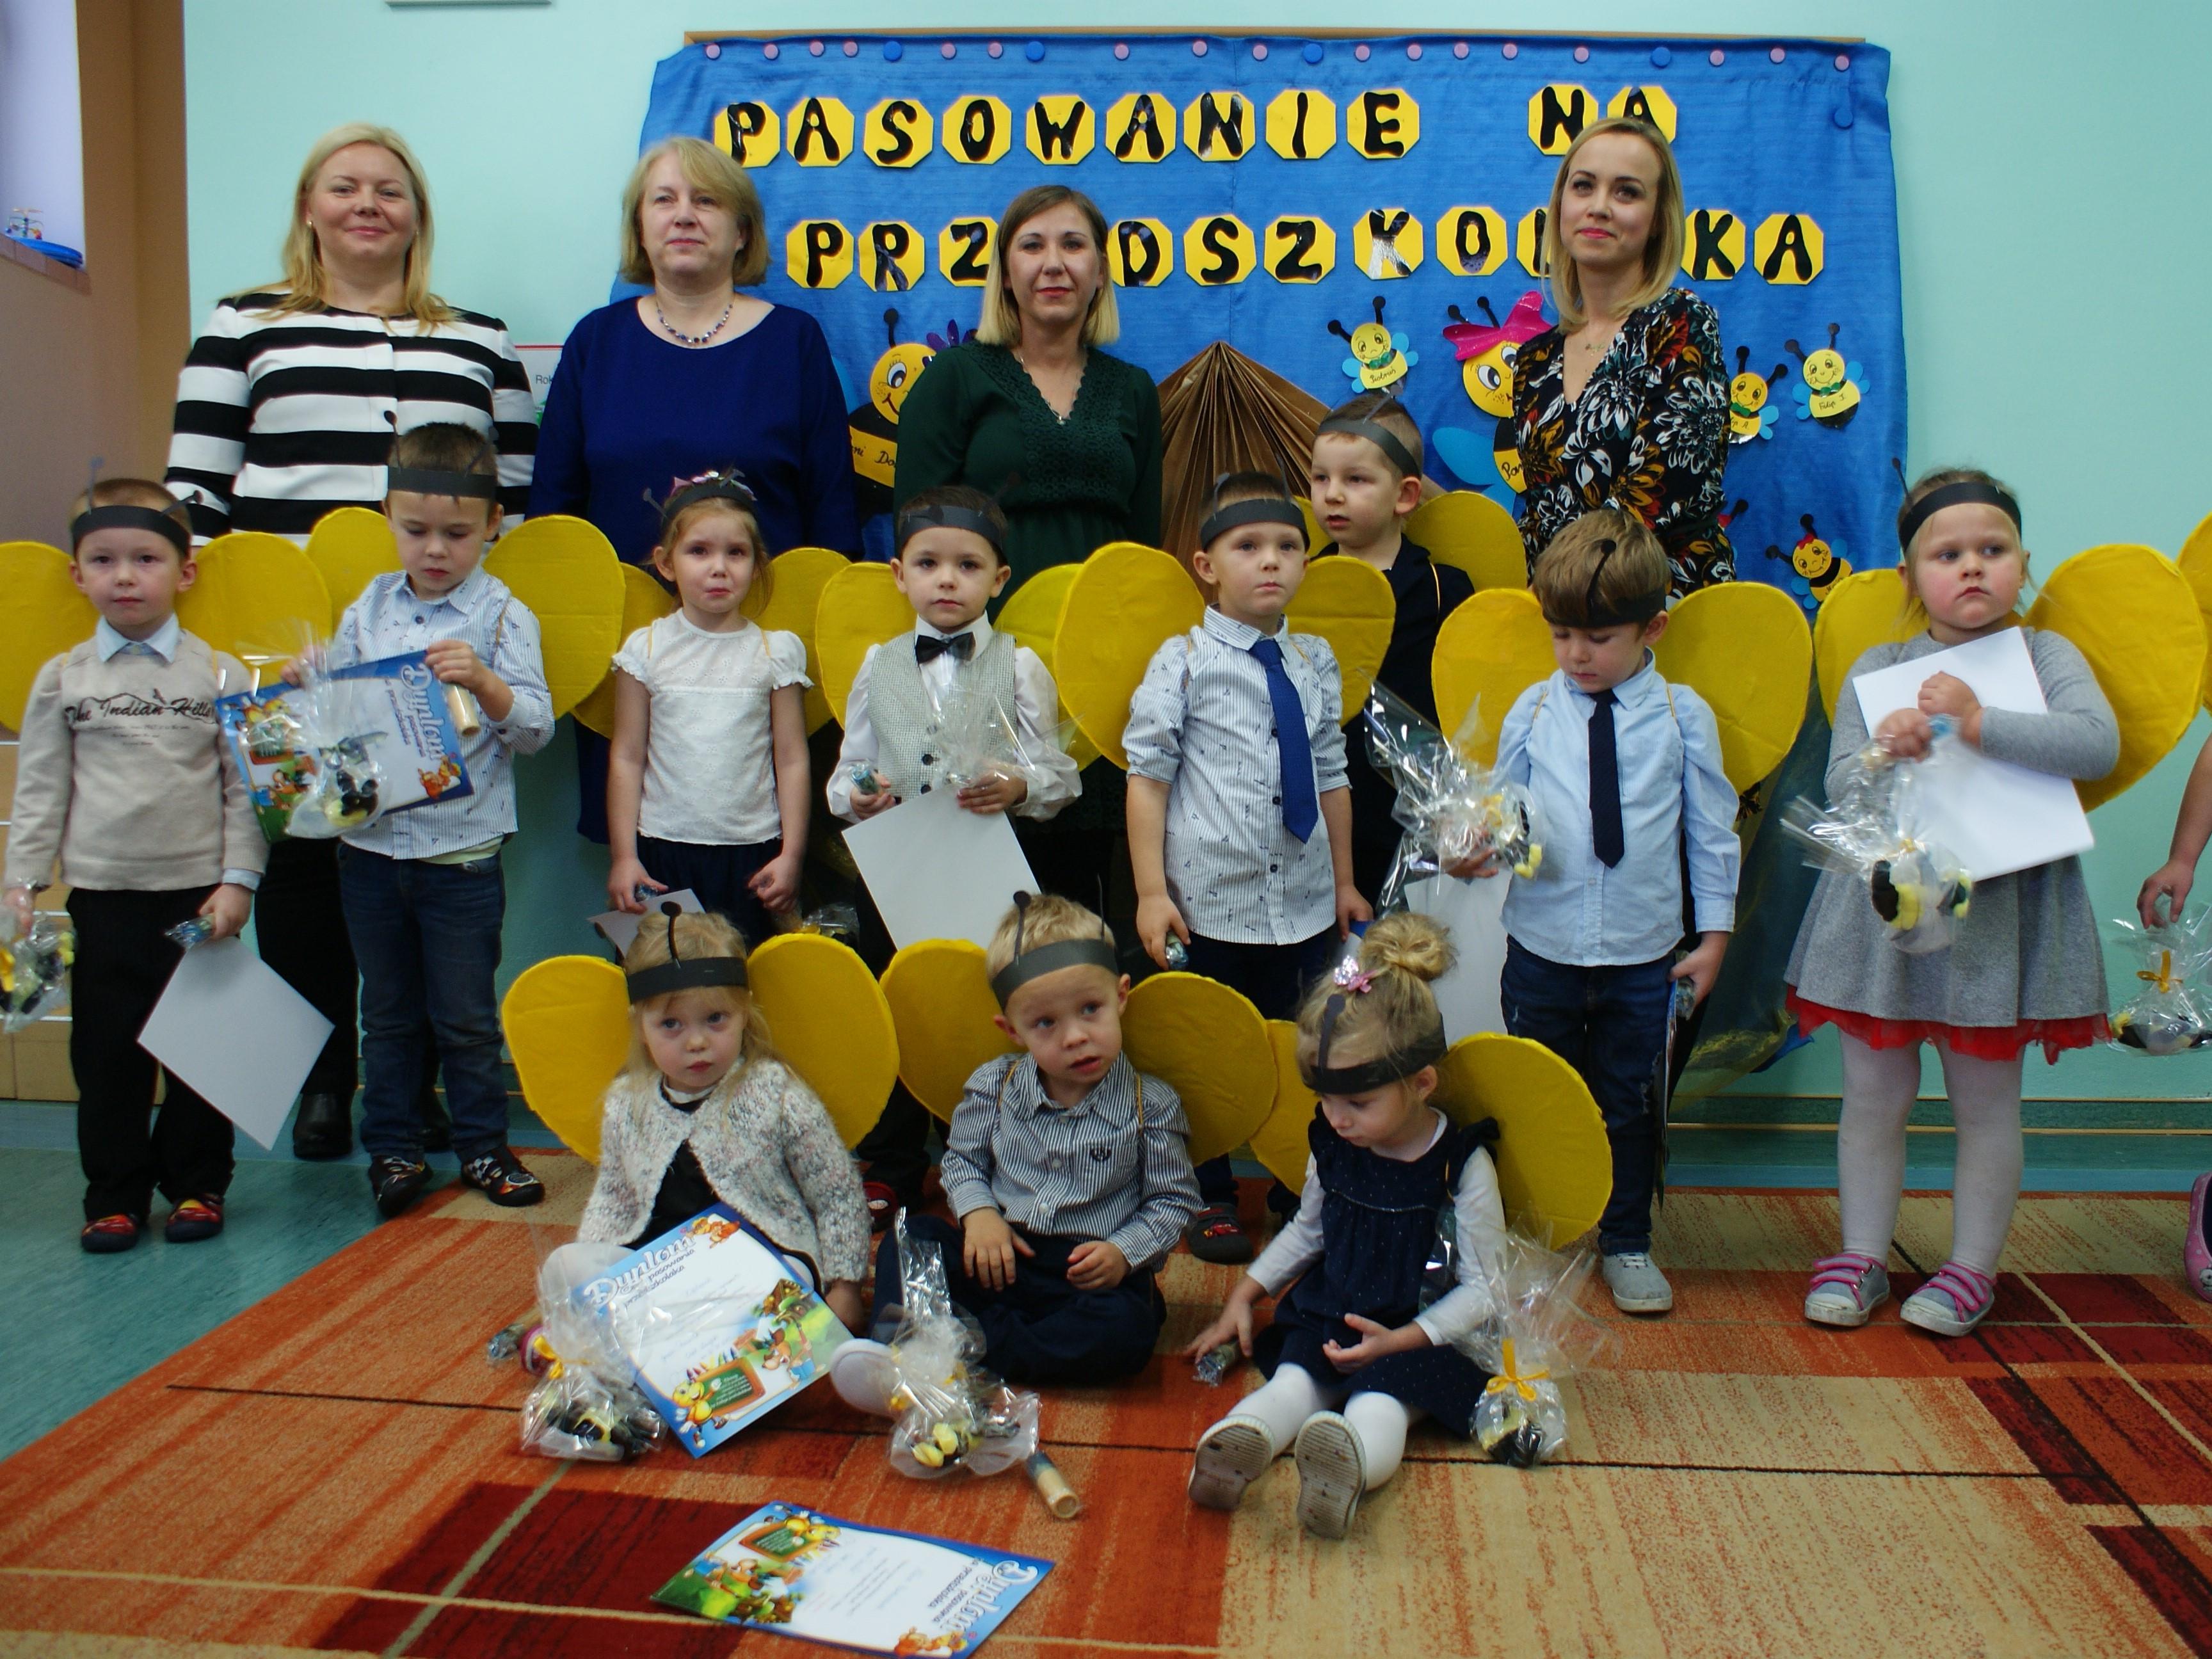 Pasowanie na Przedszkolaka w SP w Osieku Łużyckim